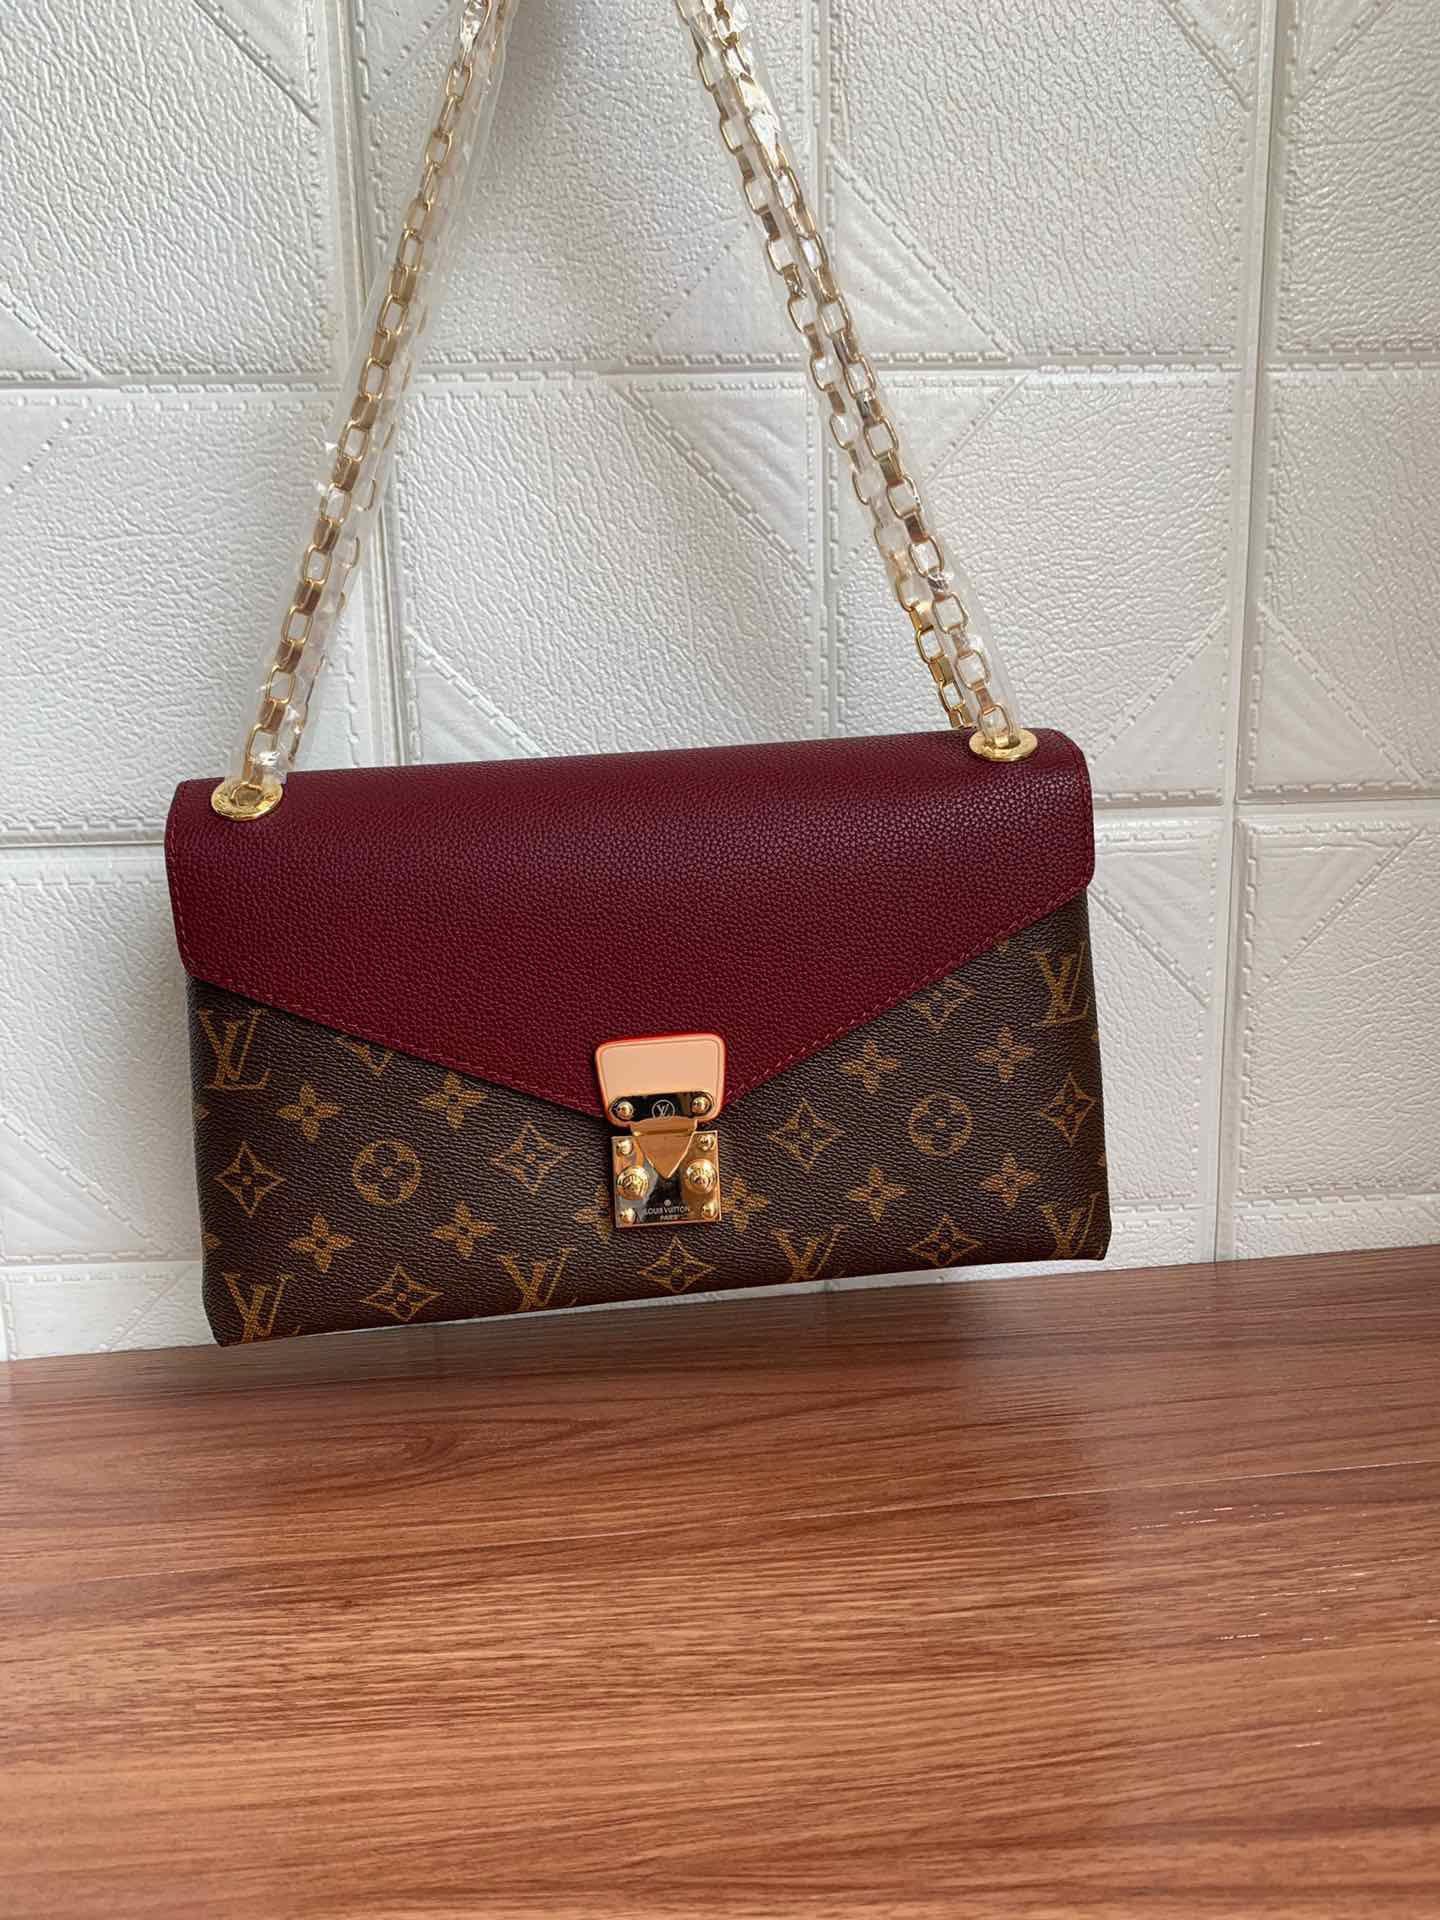 2020 SOLDS las mujeres calientes de las bolsas de diseñadores bolsos monederos luxurys diseñadores bolsas de hombro de los hombres bolso crossbody mochila M41200 26-17-6cm